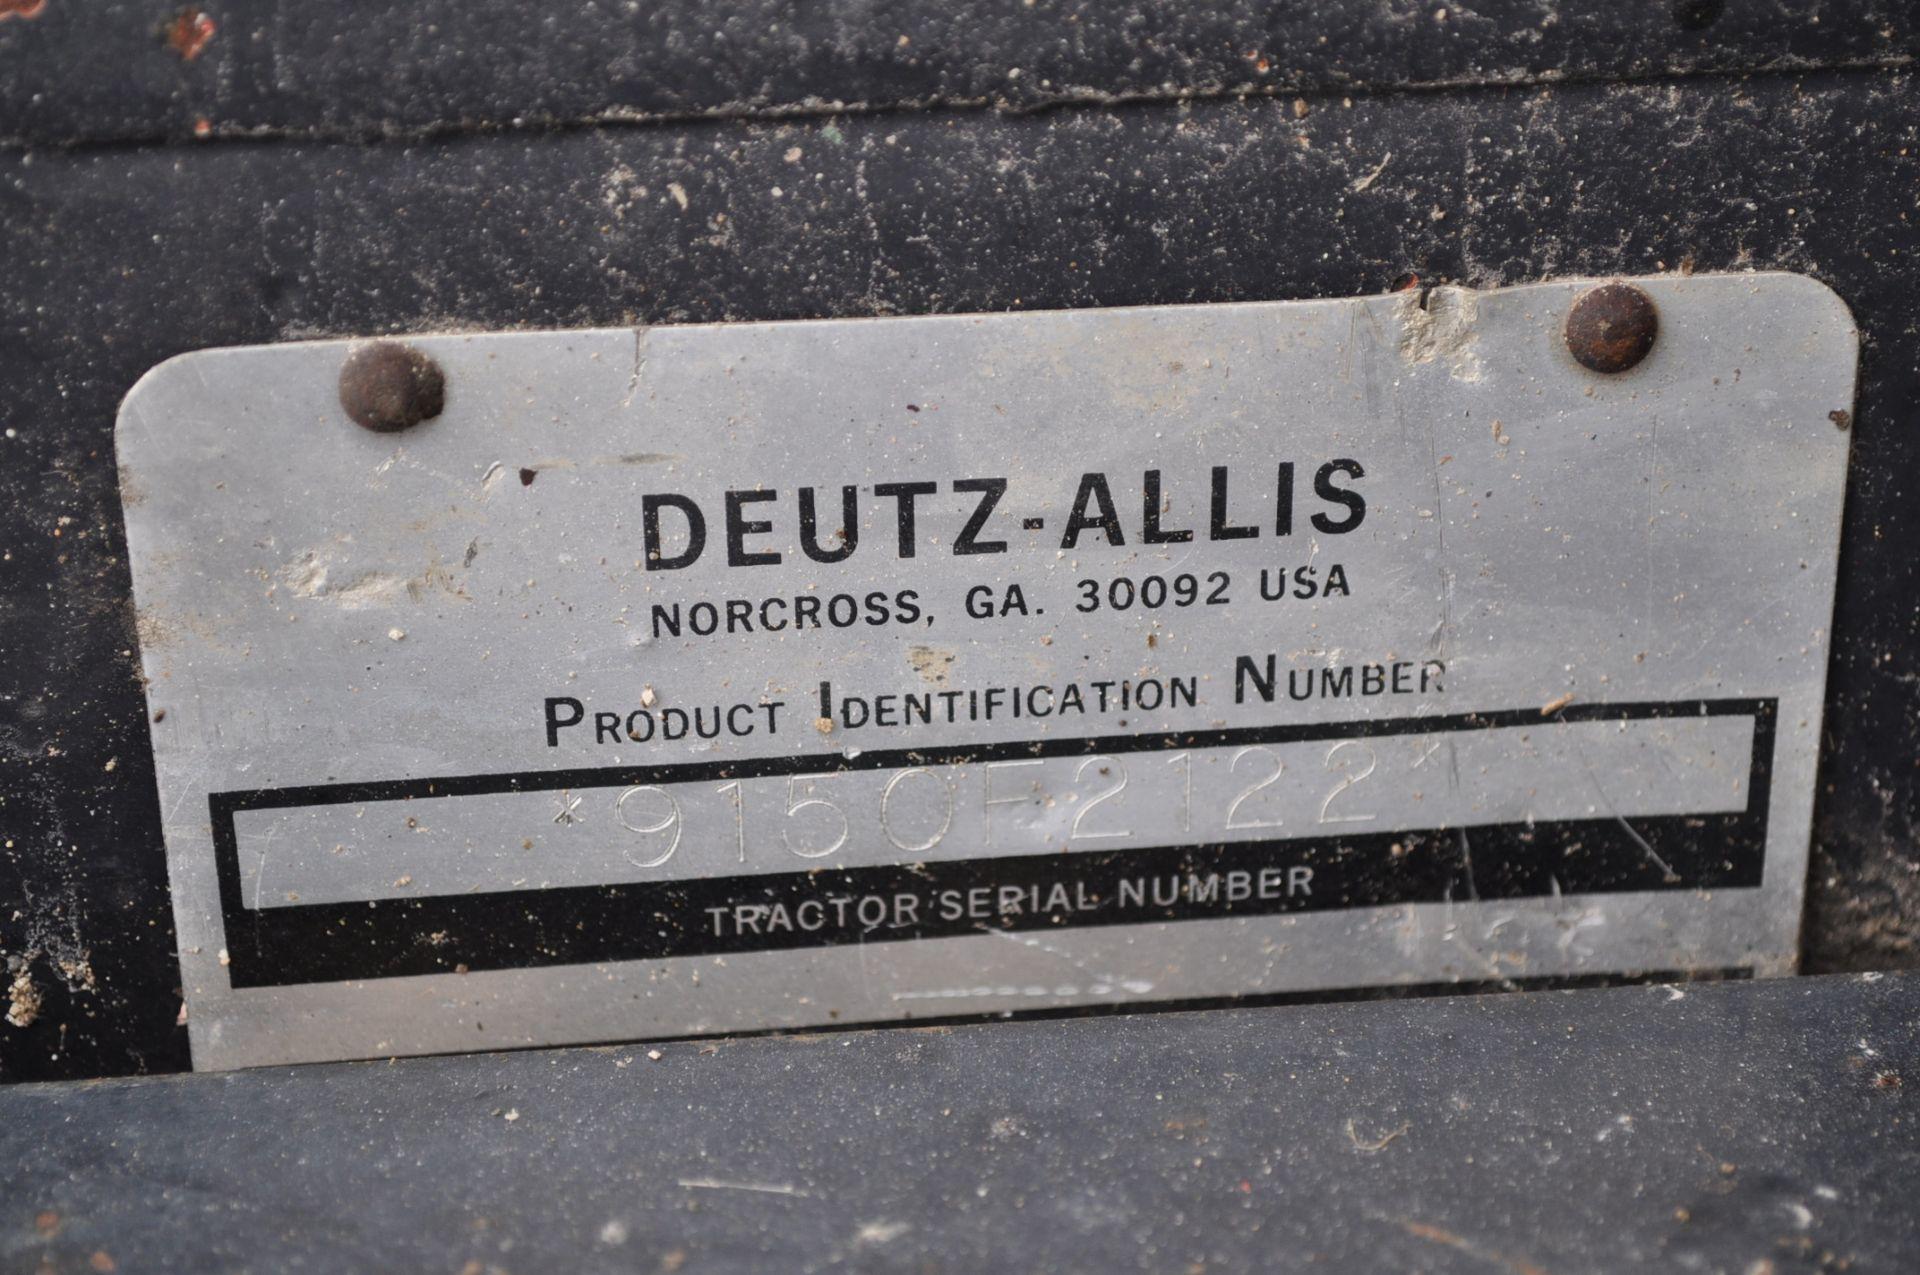 Deutz Allis 9150 tractor, MFWD, 18.4 R 42 duals, 420/85 R 28 tires, 6+3 speed range, 2 hyd - Image 12 of 20